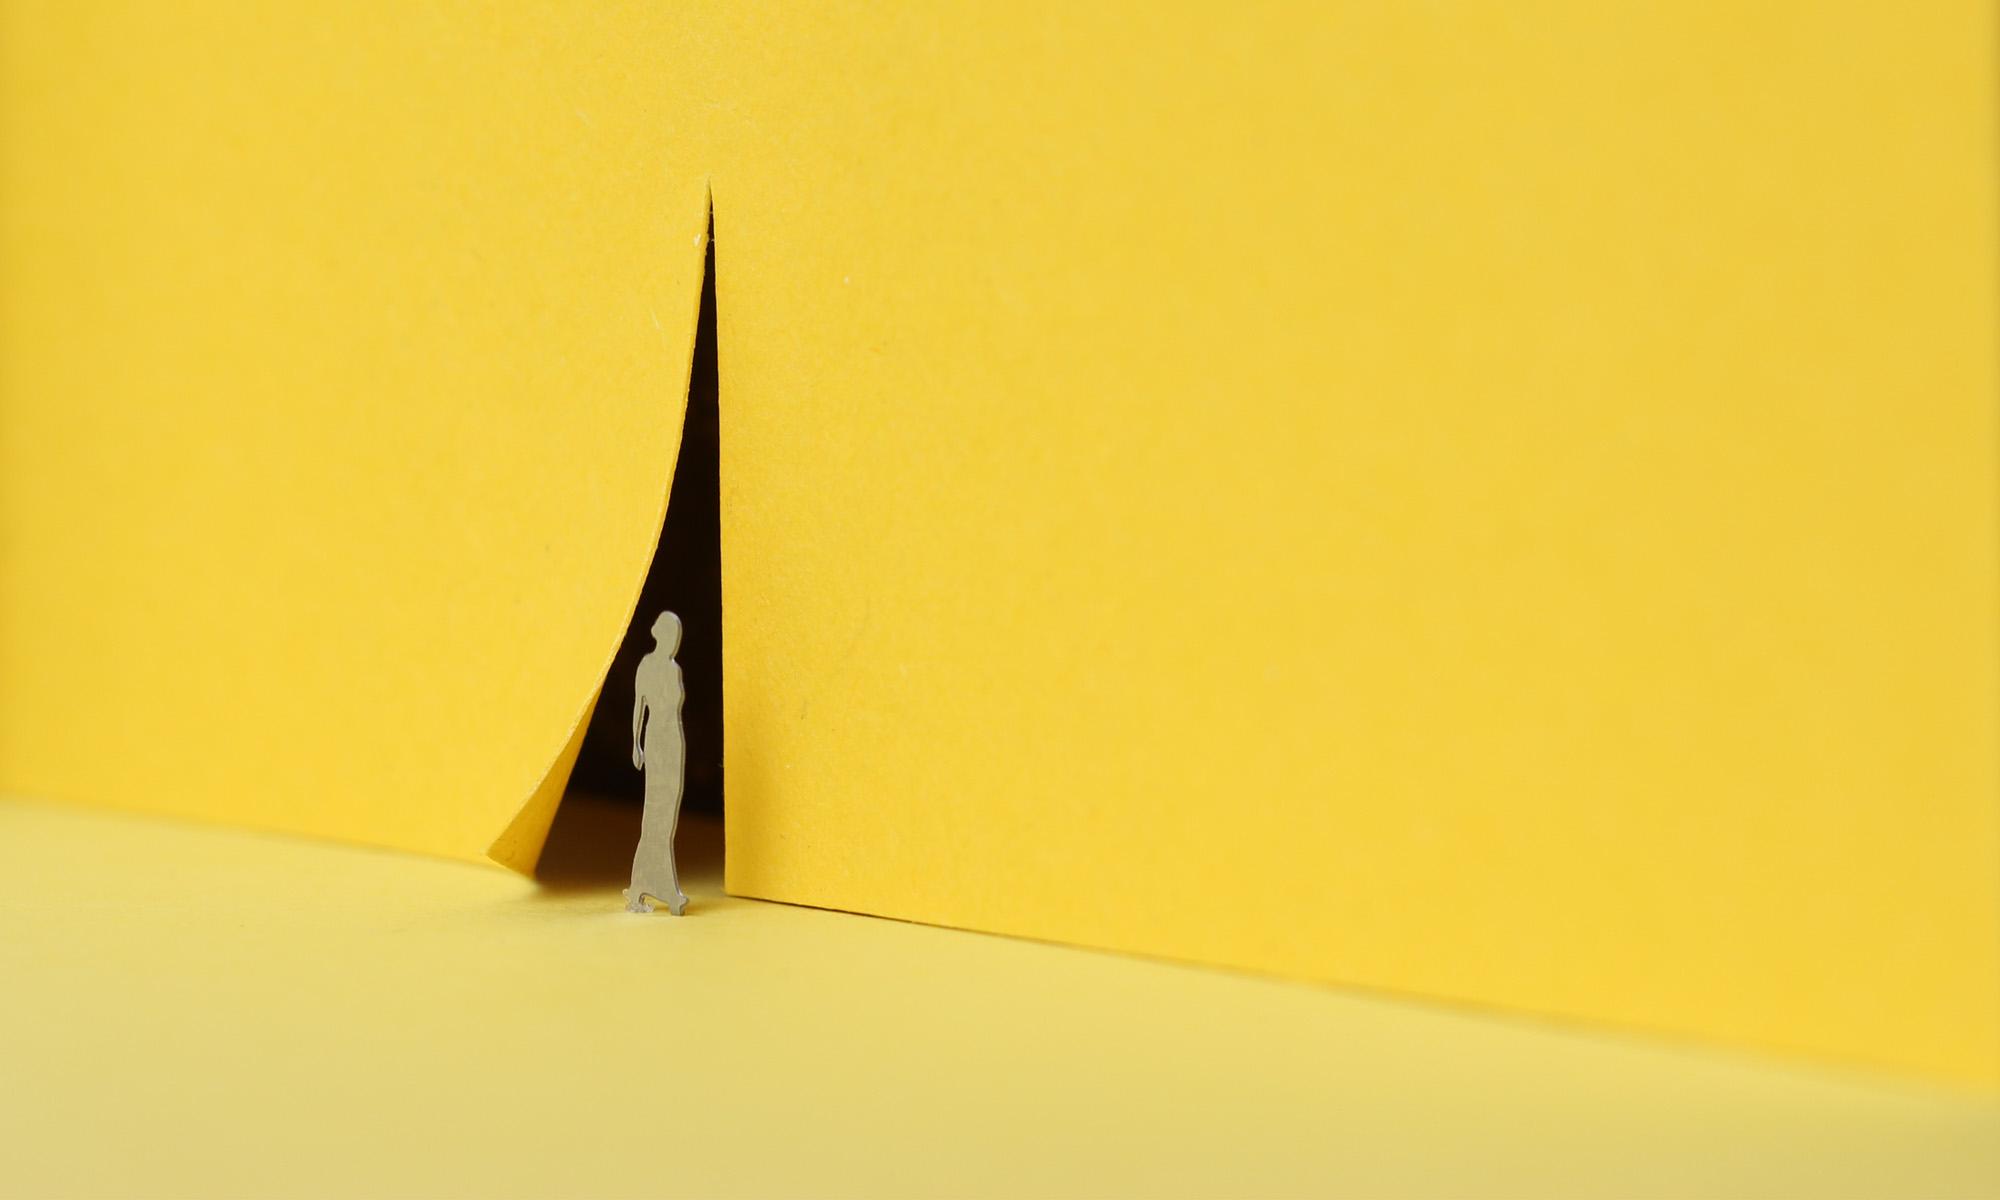 Siluette einer Frau vor gelber Wand. Fotografie von Andrea Blaschke